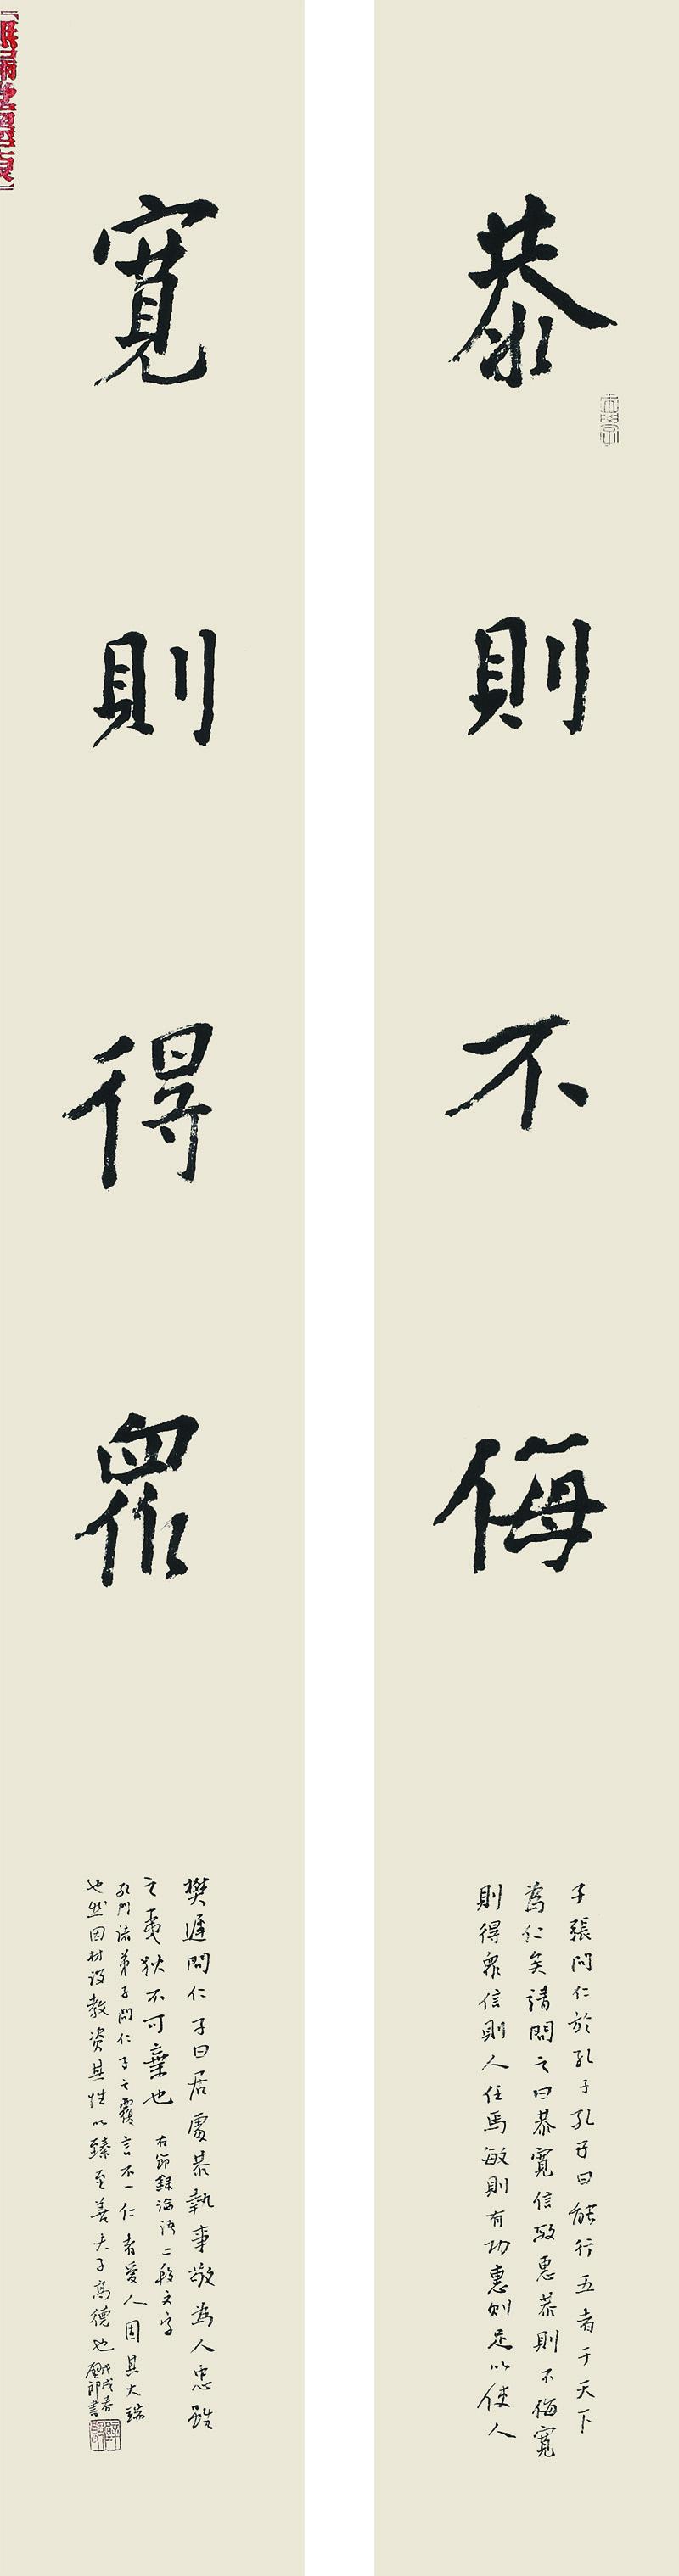 048壁郎-楷书对联-恭则宽则联